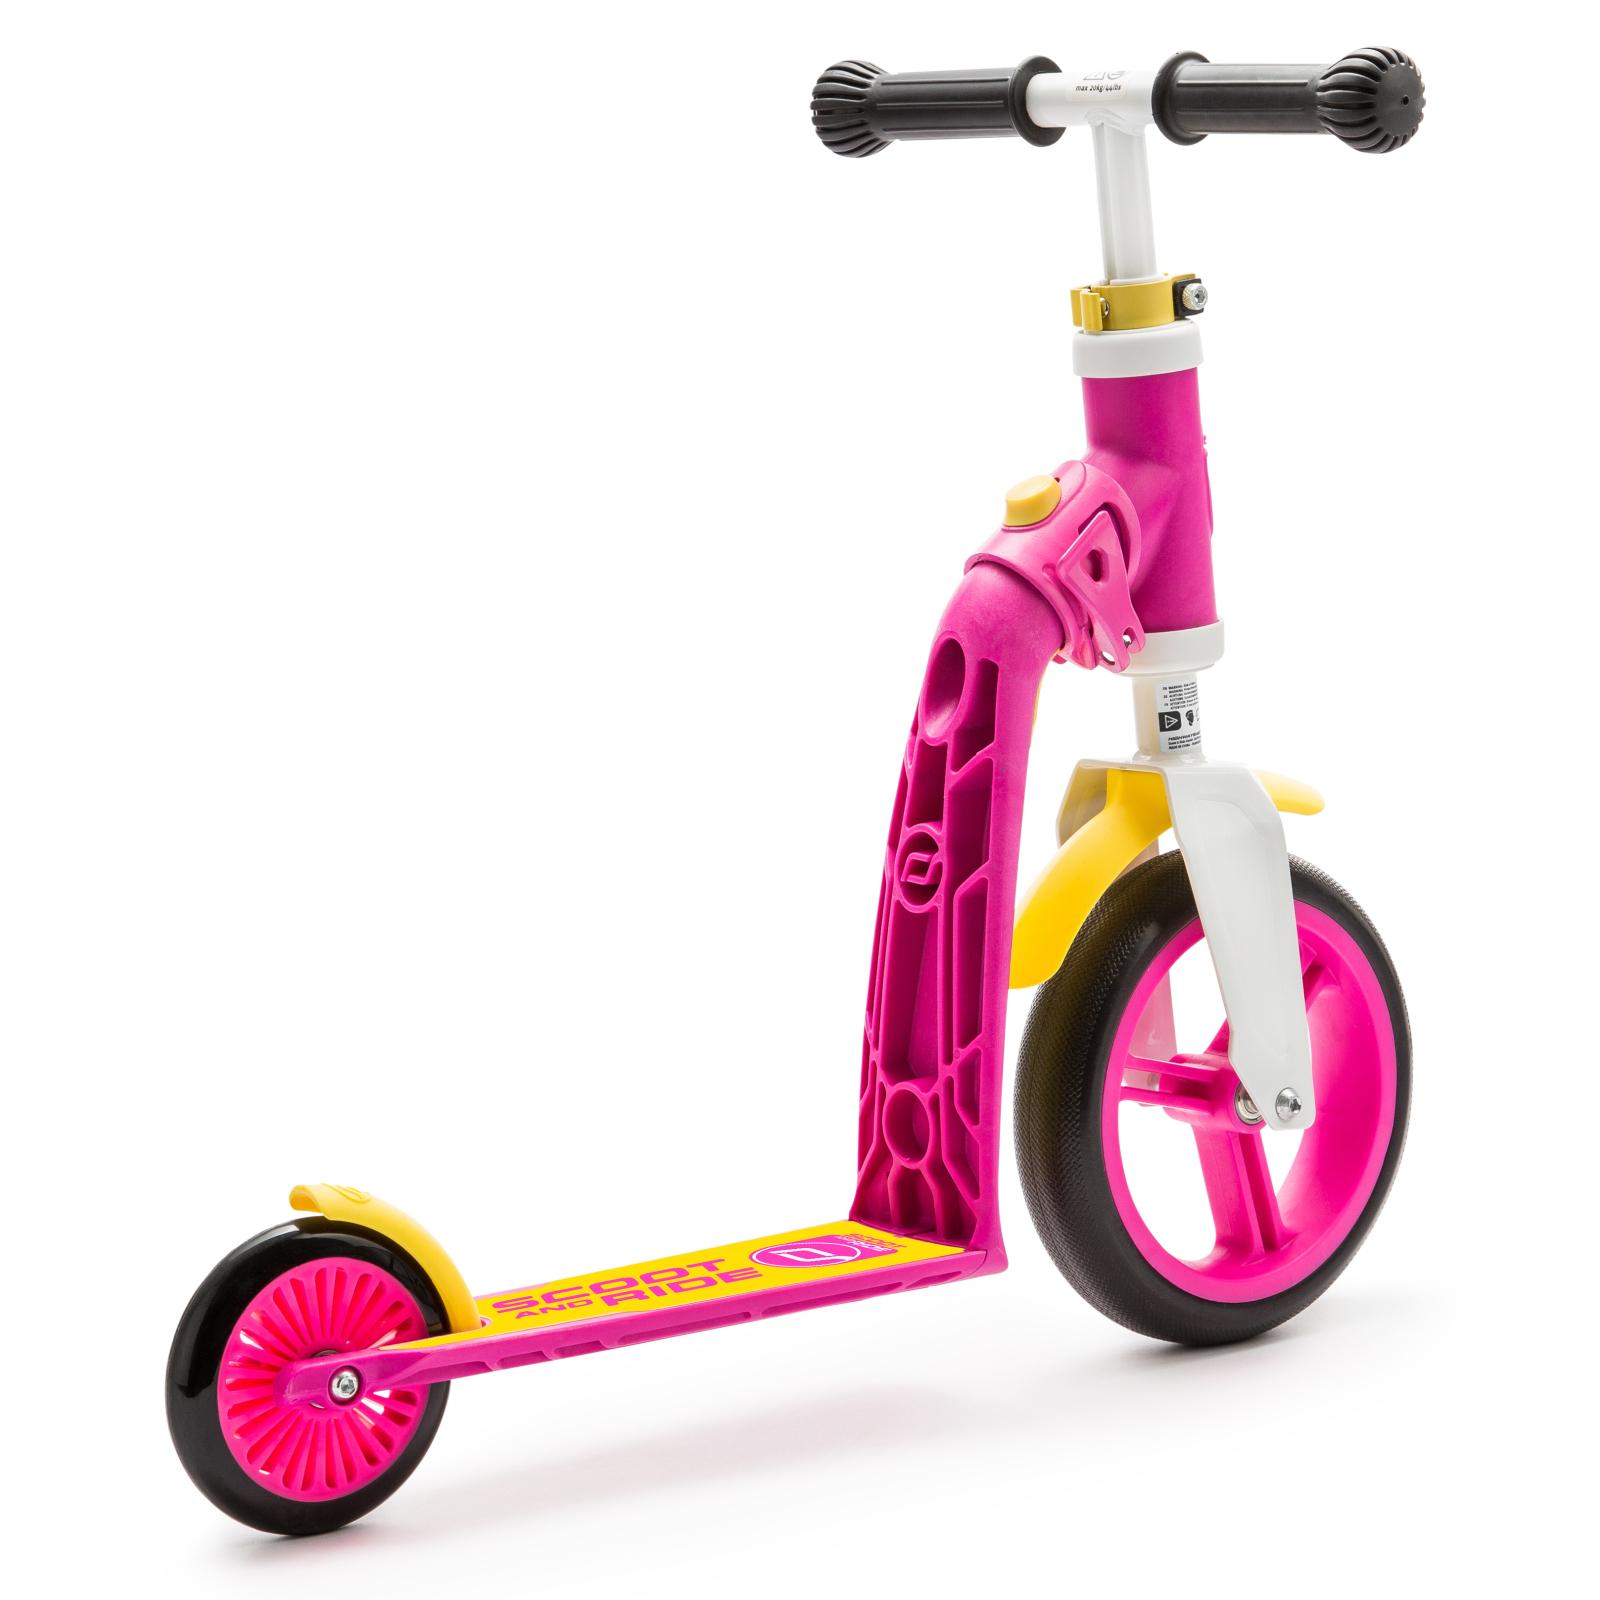 Скутер Scoot&Ride Highwaybaby розово-желтый (SR-216271-PINK-YELLOW) изображение 3